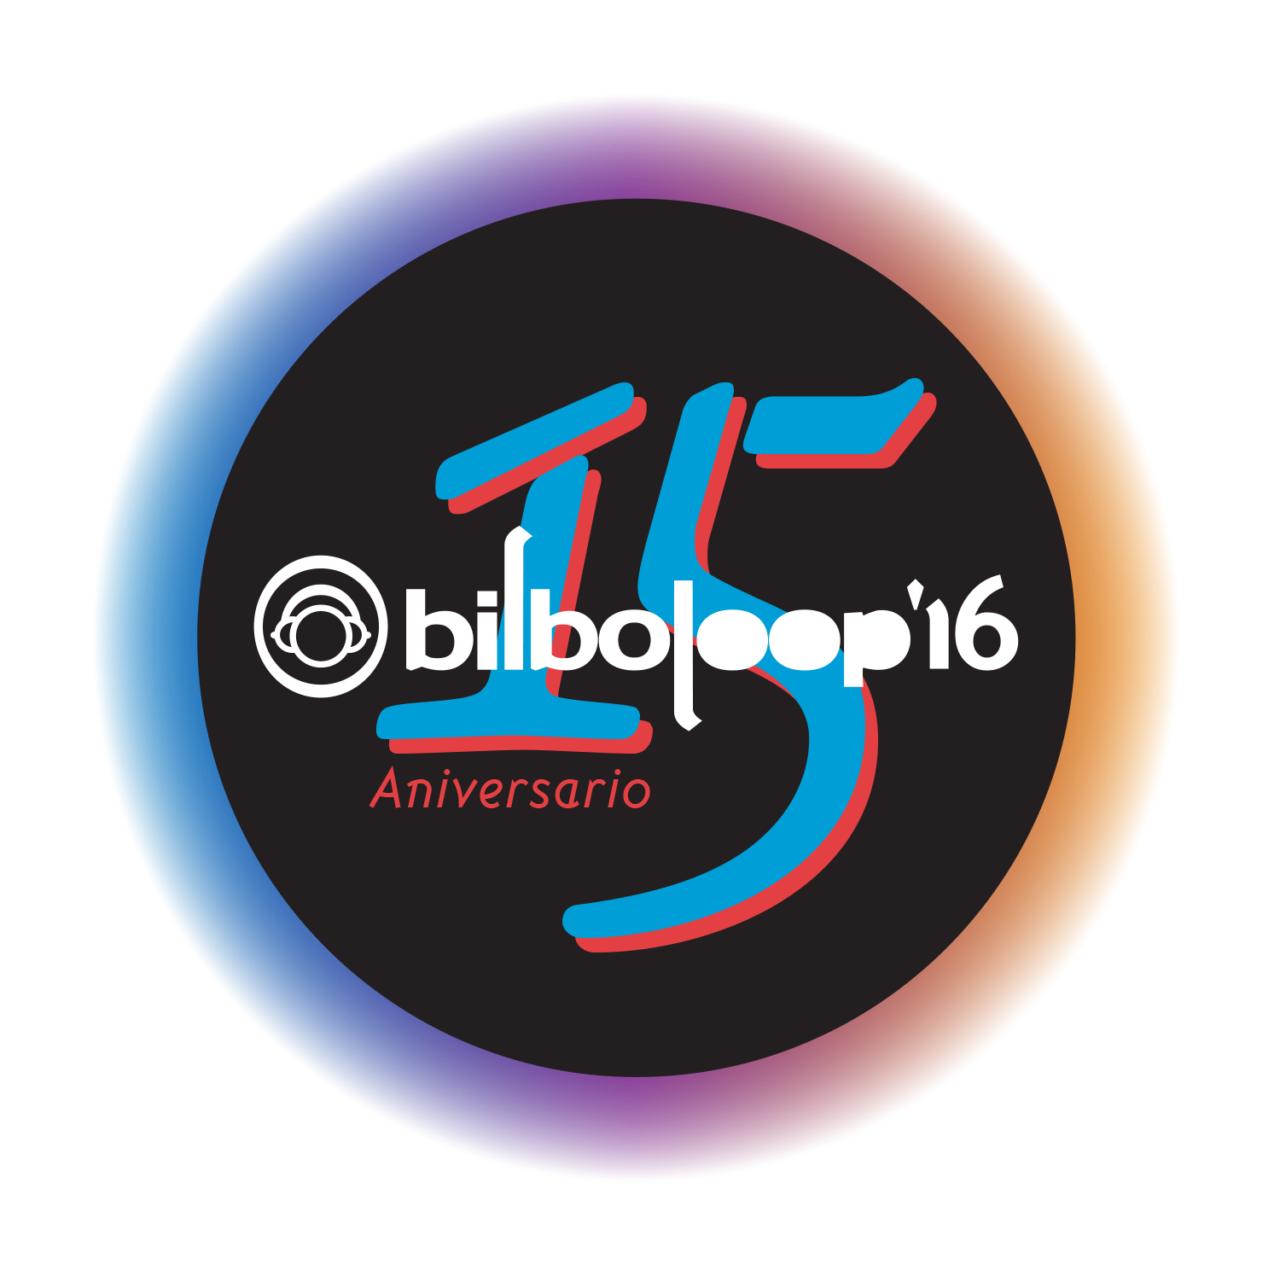 logo-bilboloop16-aniversario-portada